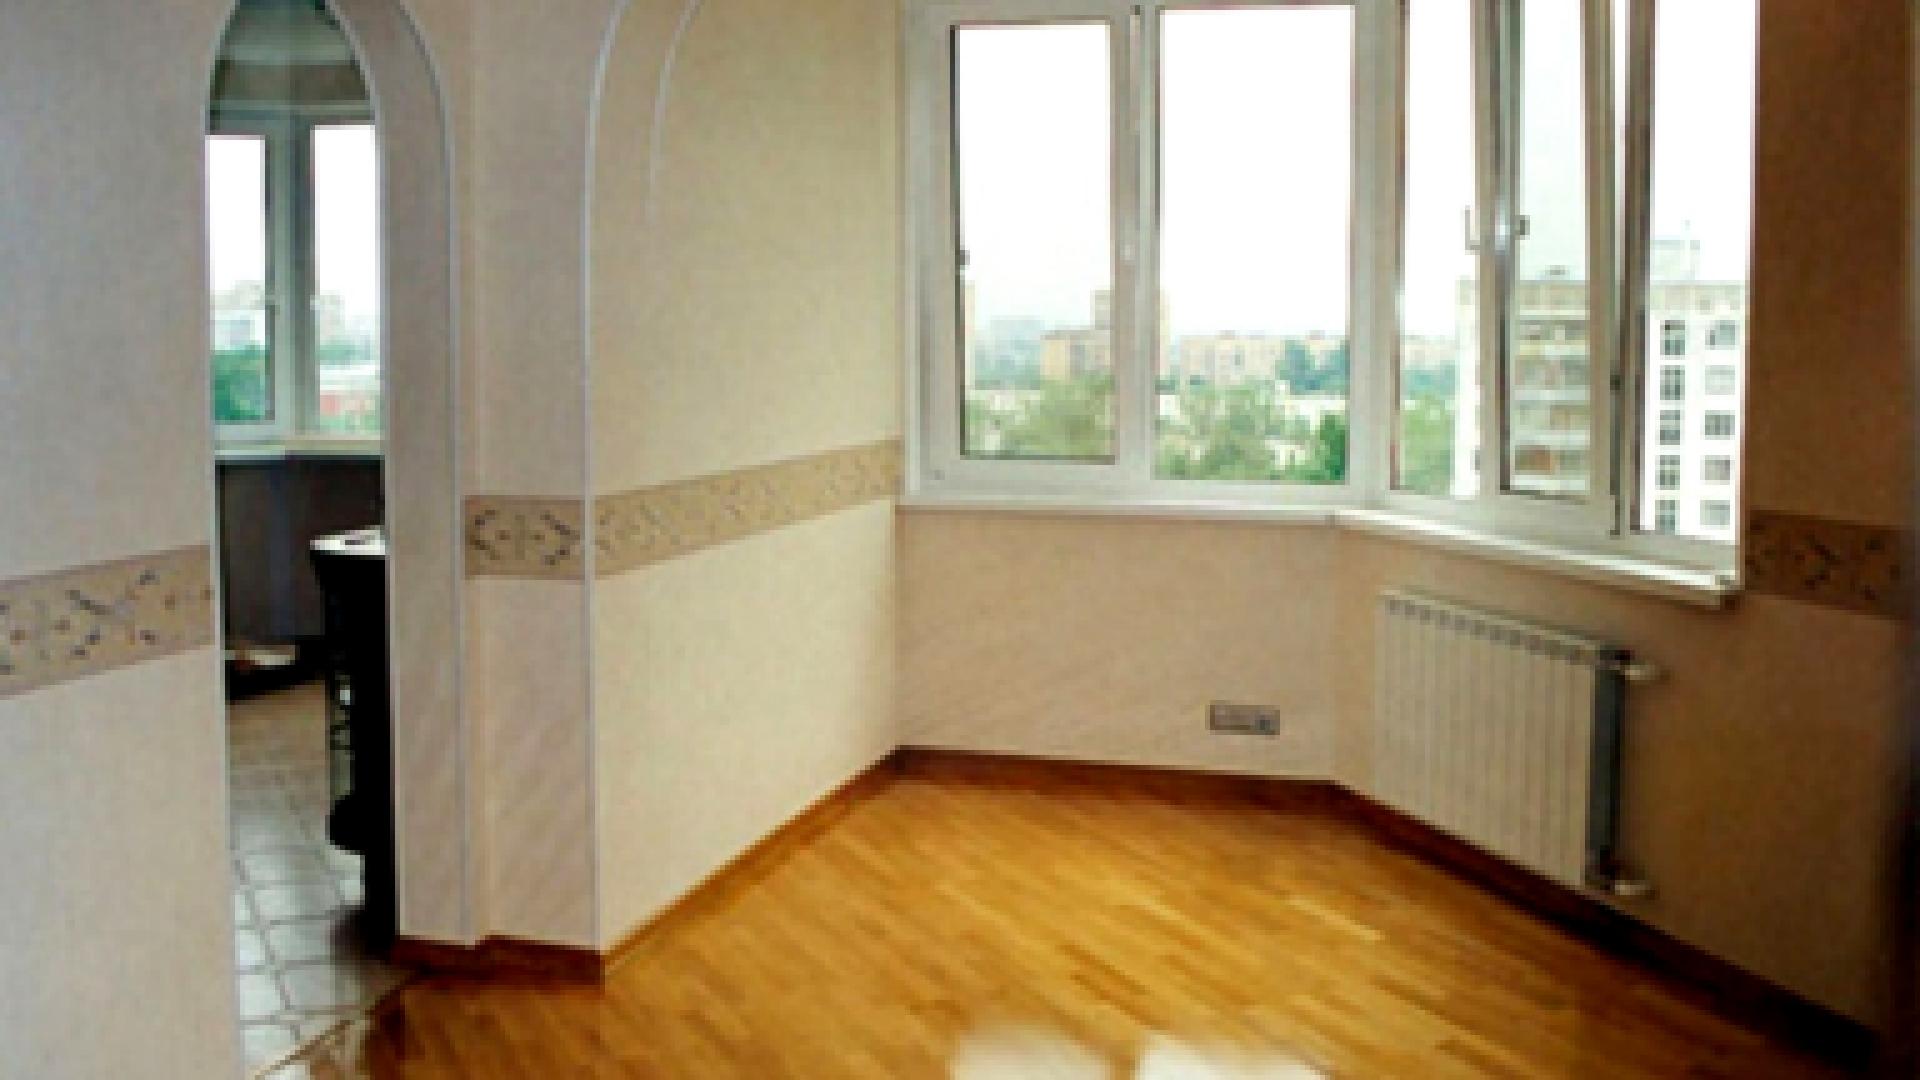 Скольео стоят квартиры в городе конотоп pizzasw.ru самое нев.